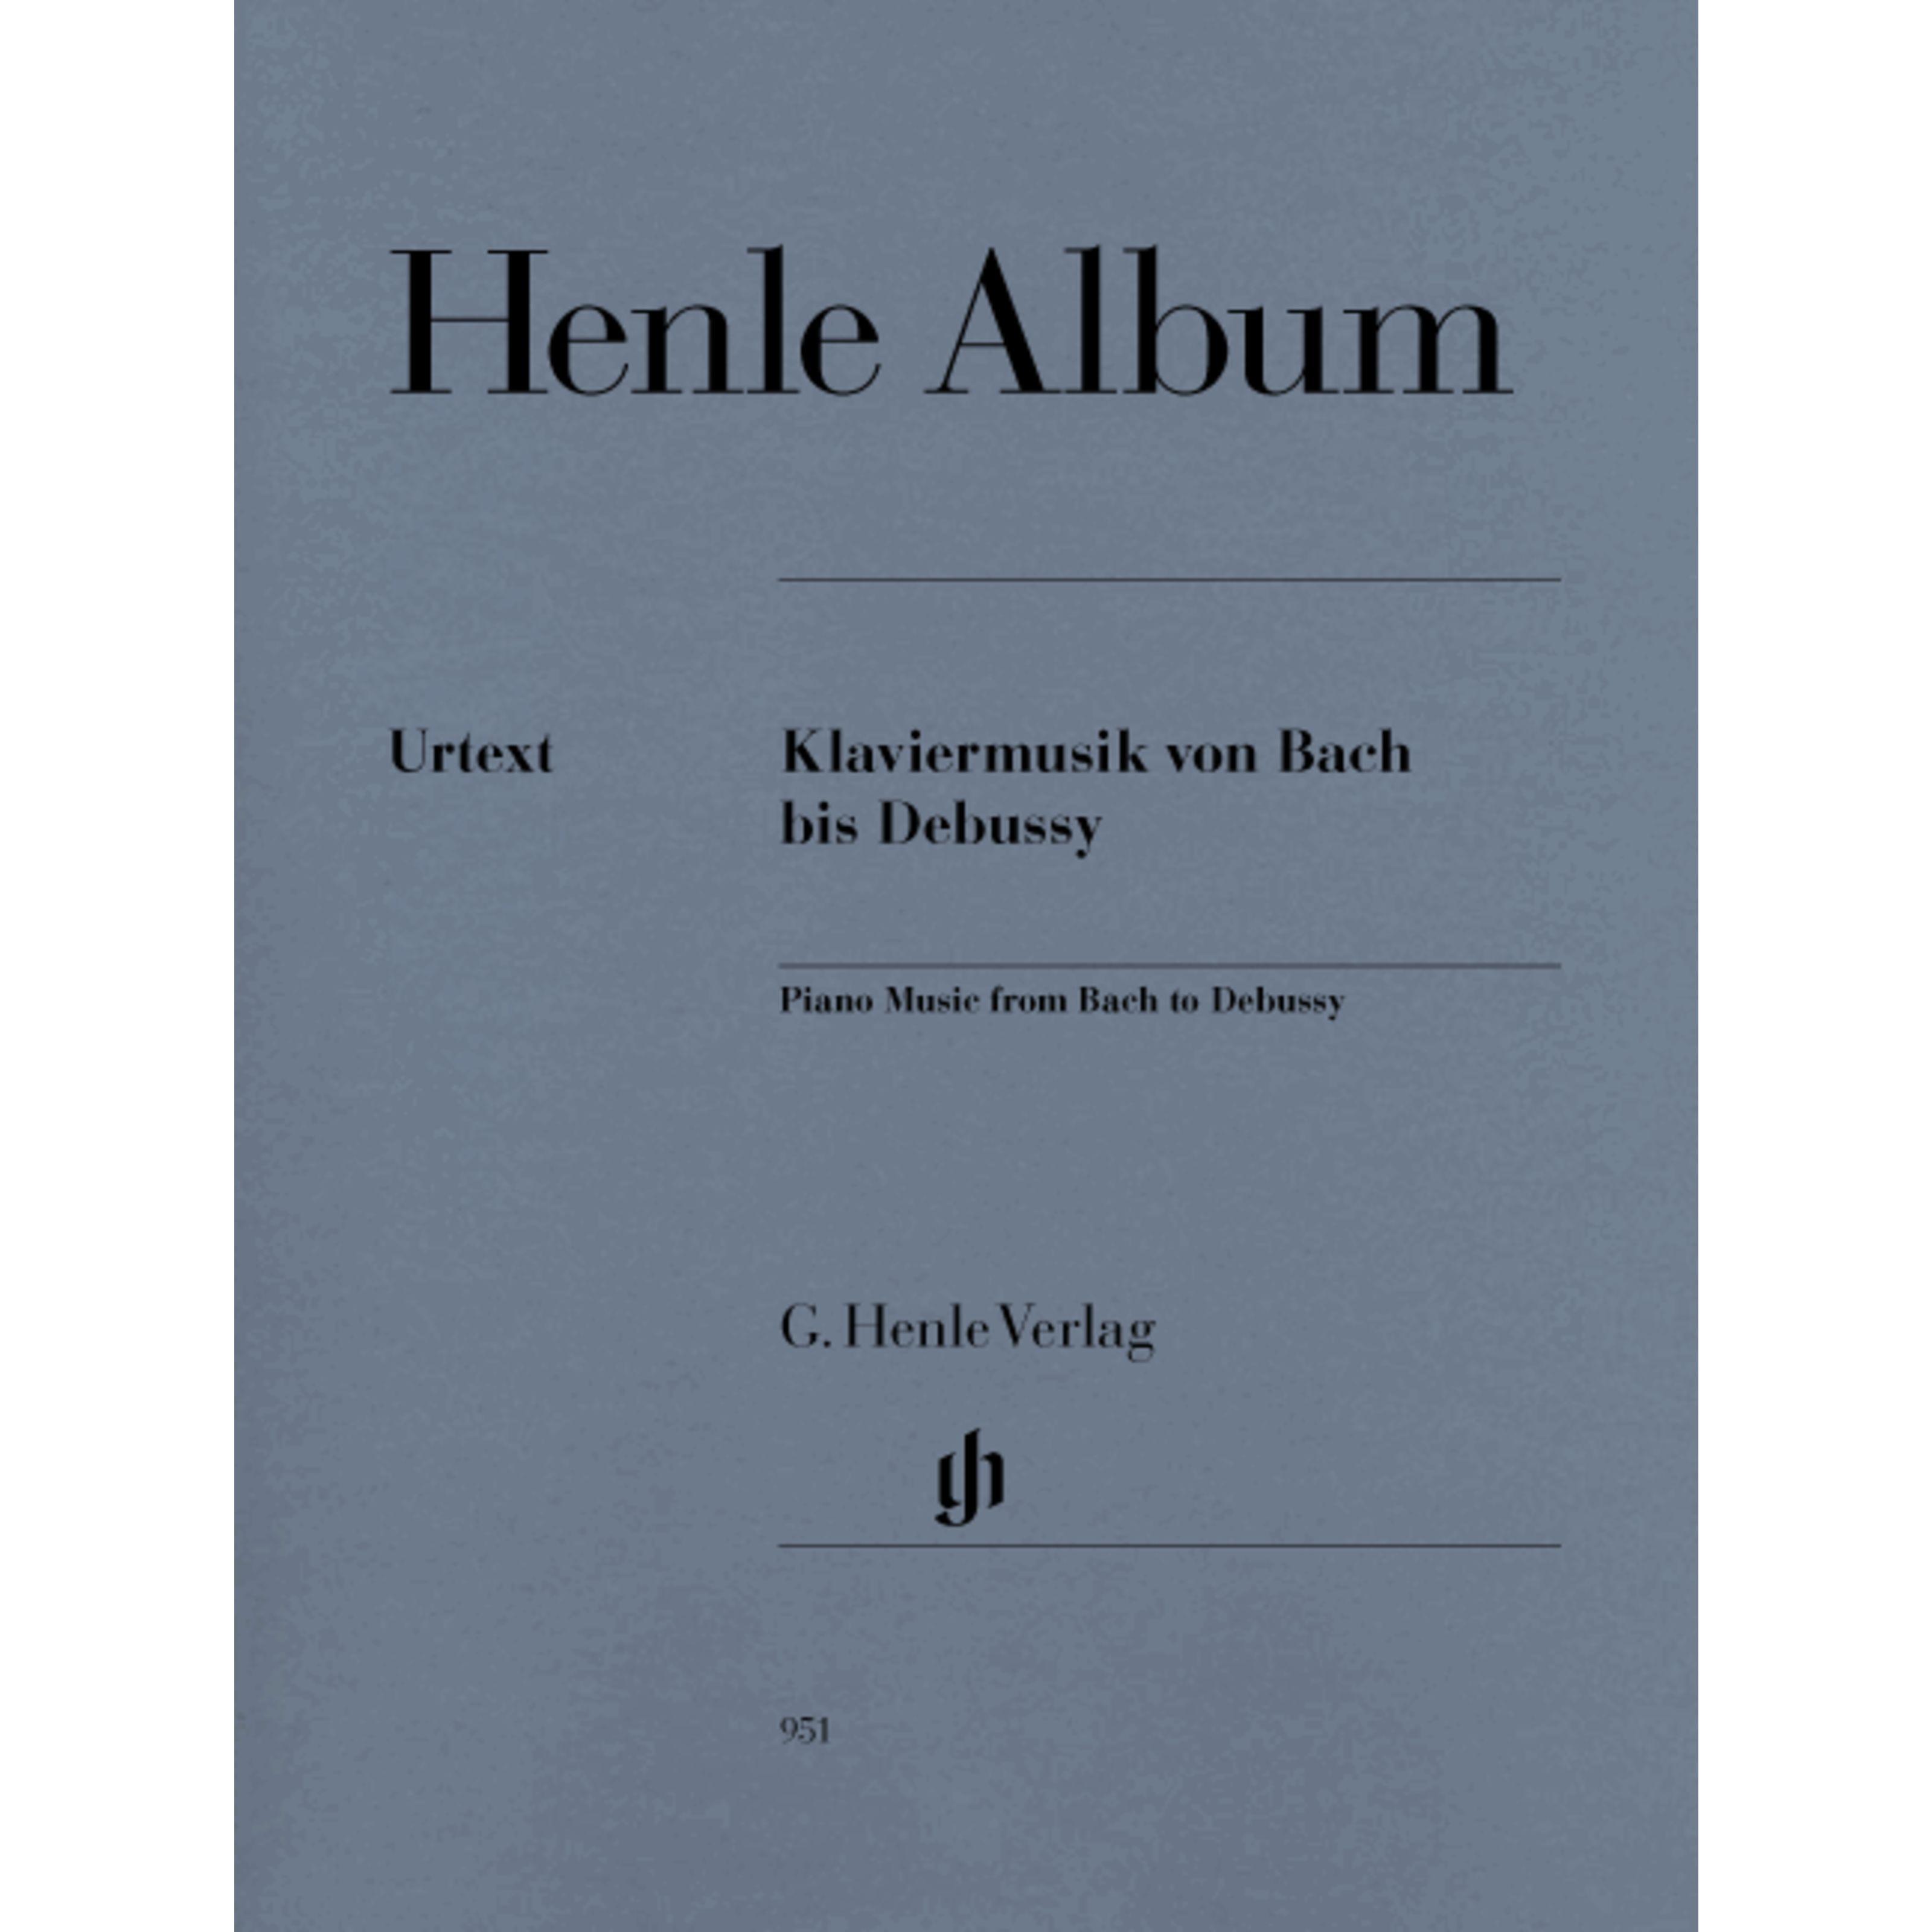 Henle Verlag - Henle Album: Klaviermusik von Bach bis Debussy HN 951